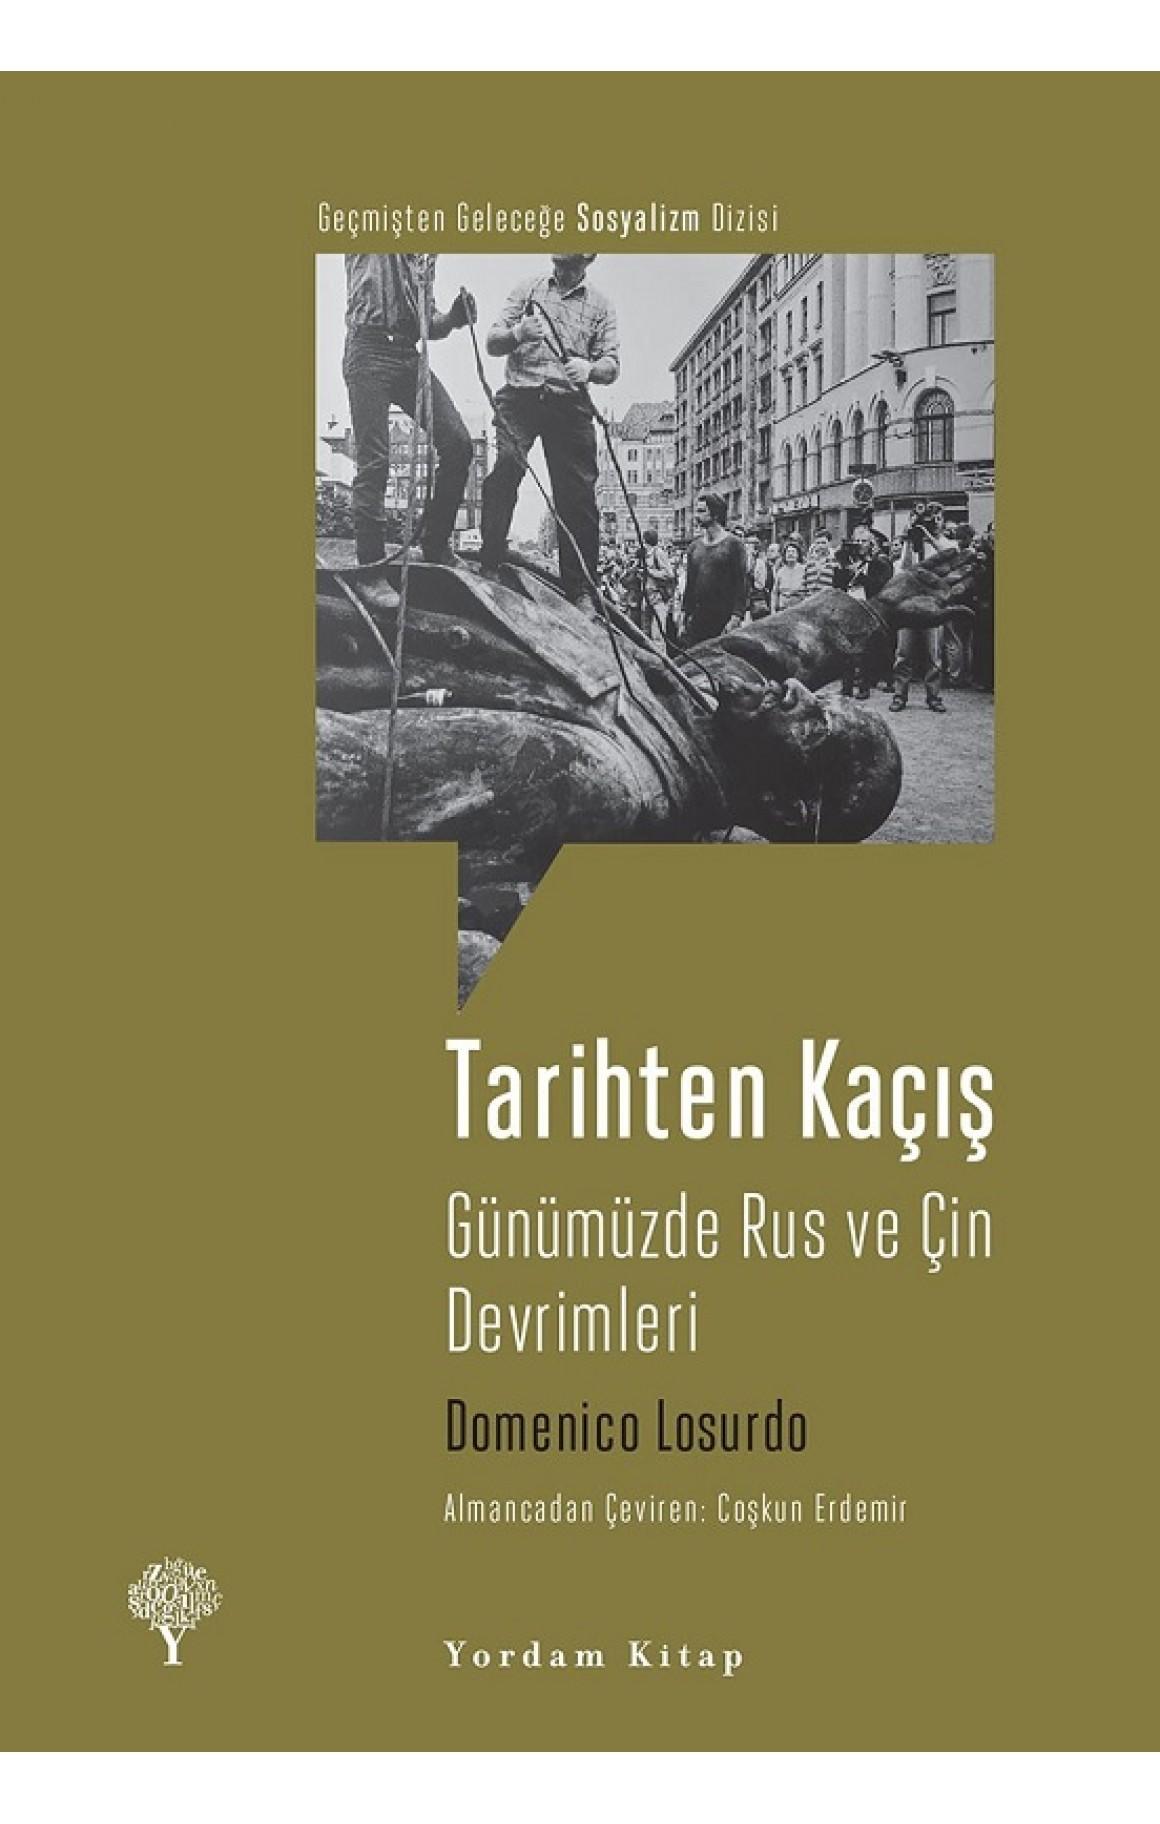 Tarihten Kaçış-Günümüzde Rus ve Çin Devrimleri